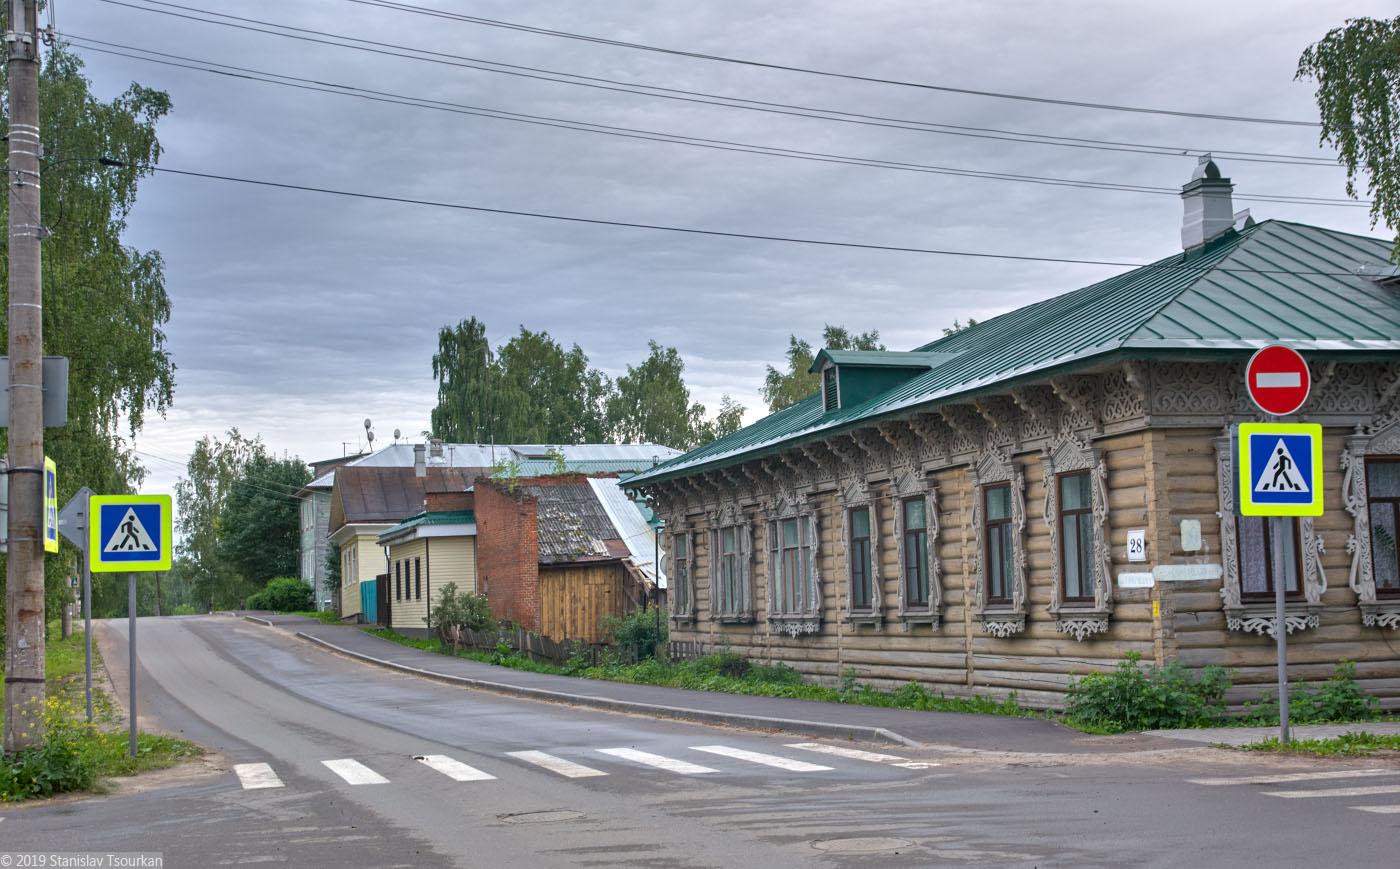 Вологодская область, Вологодчина, Великий устюг, Русский север, улица Павла Покровского